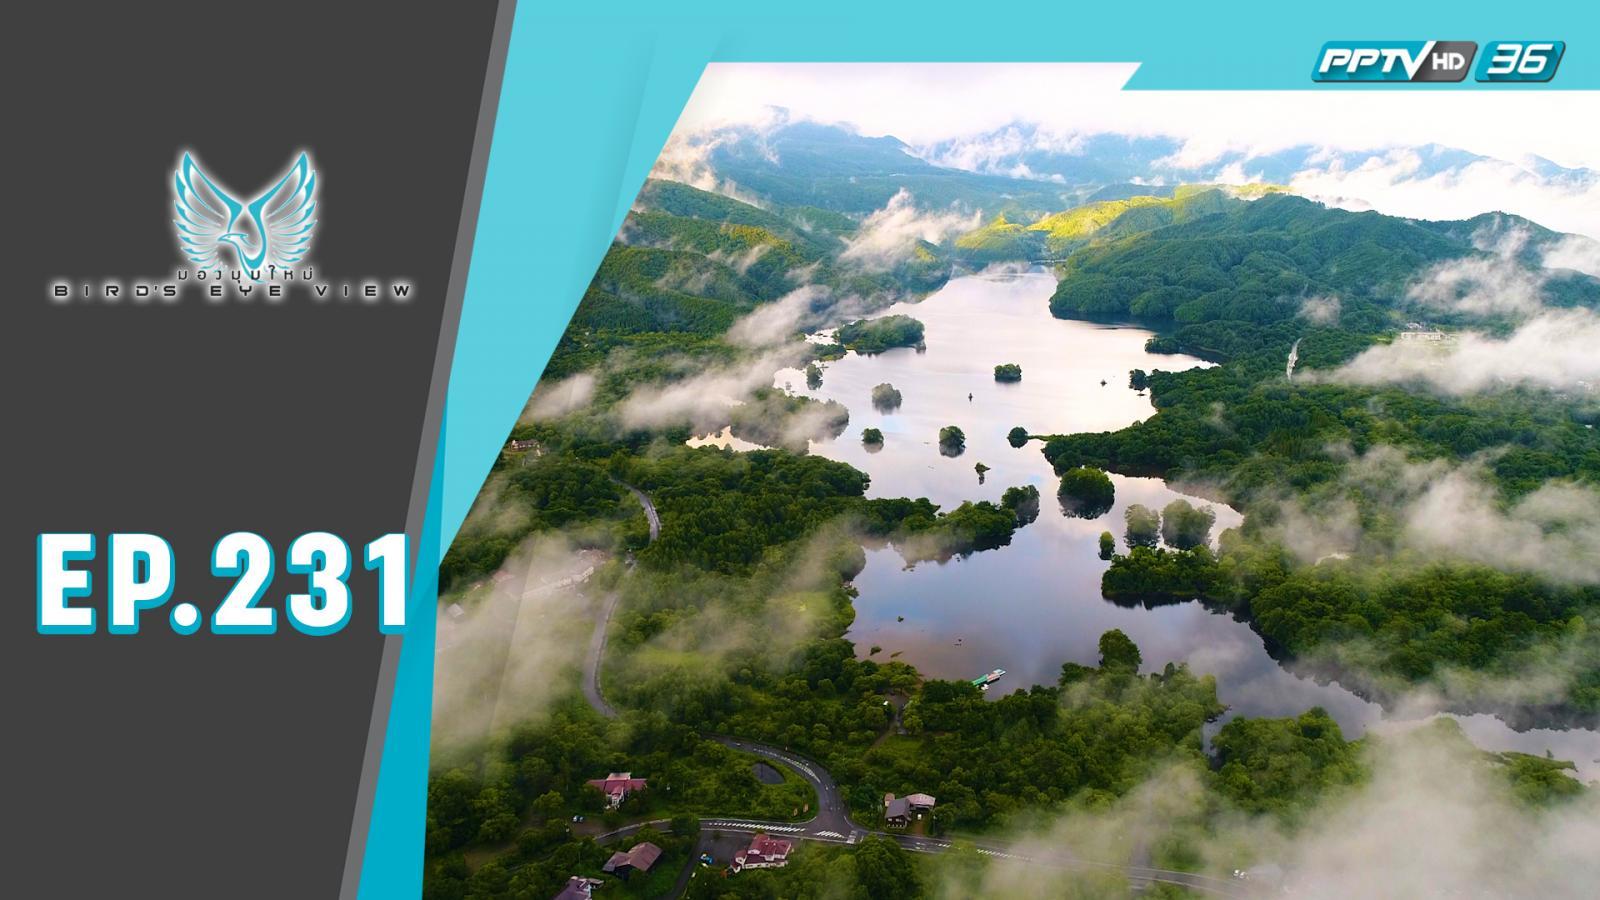 ภูมิภาคโทโฮคุ...ดินแดนซ่อนเร้น กับความงดงามของธรรมชาติ